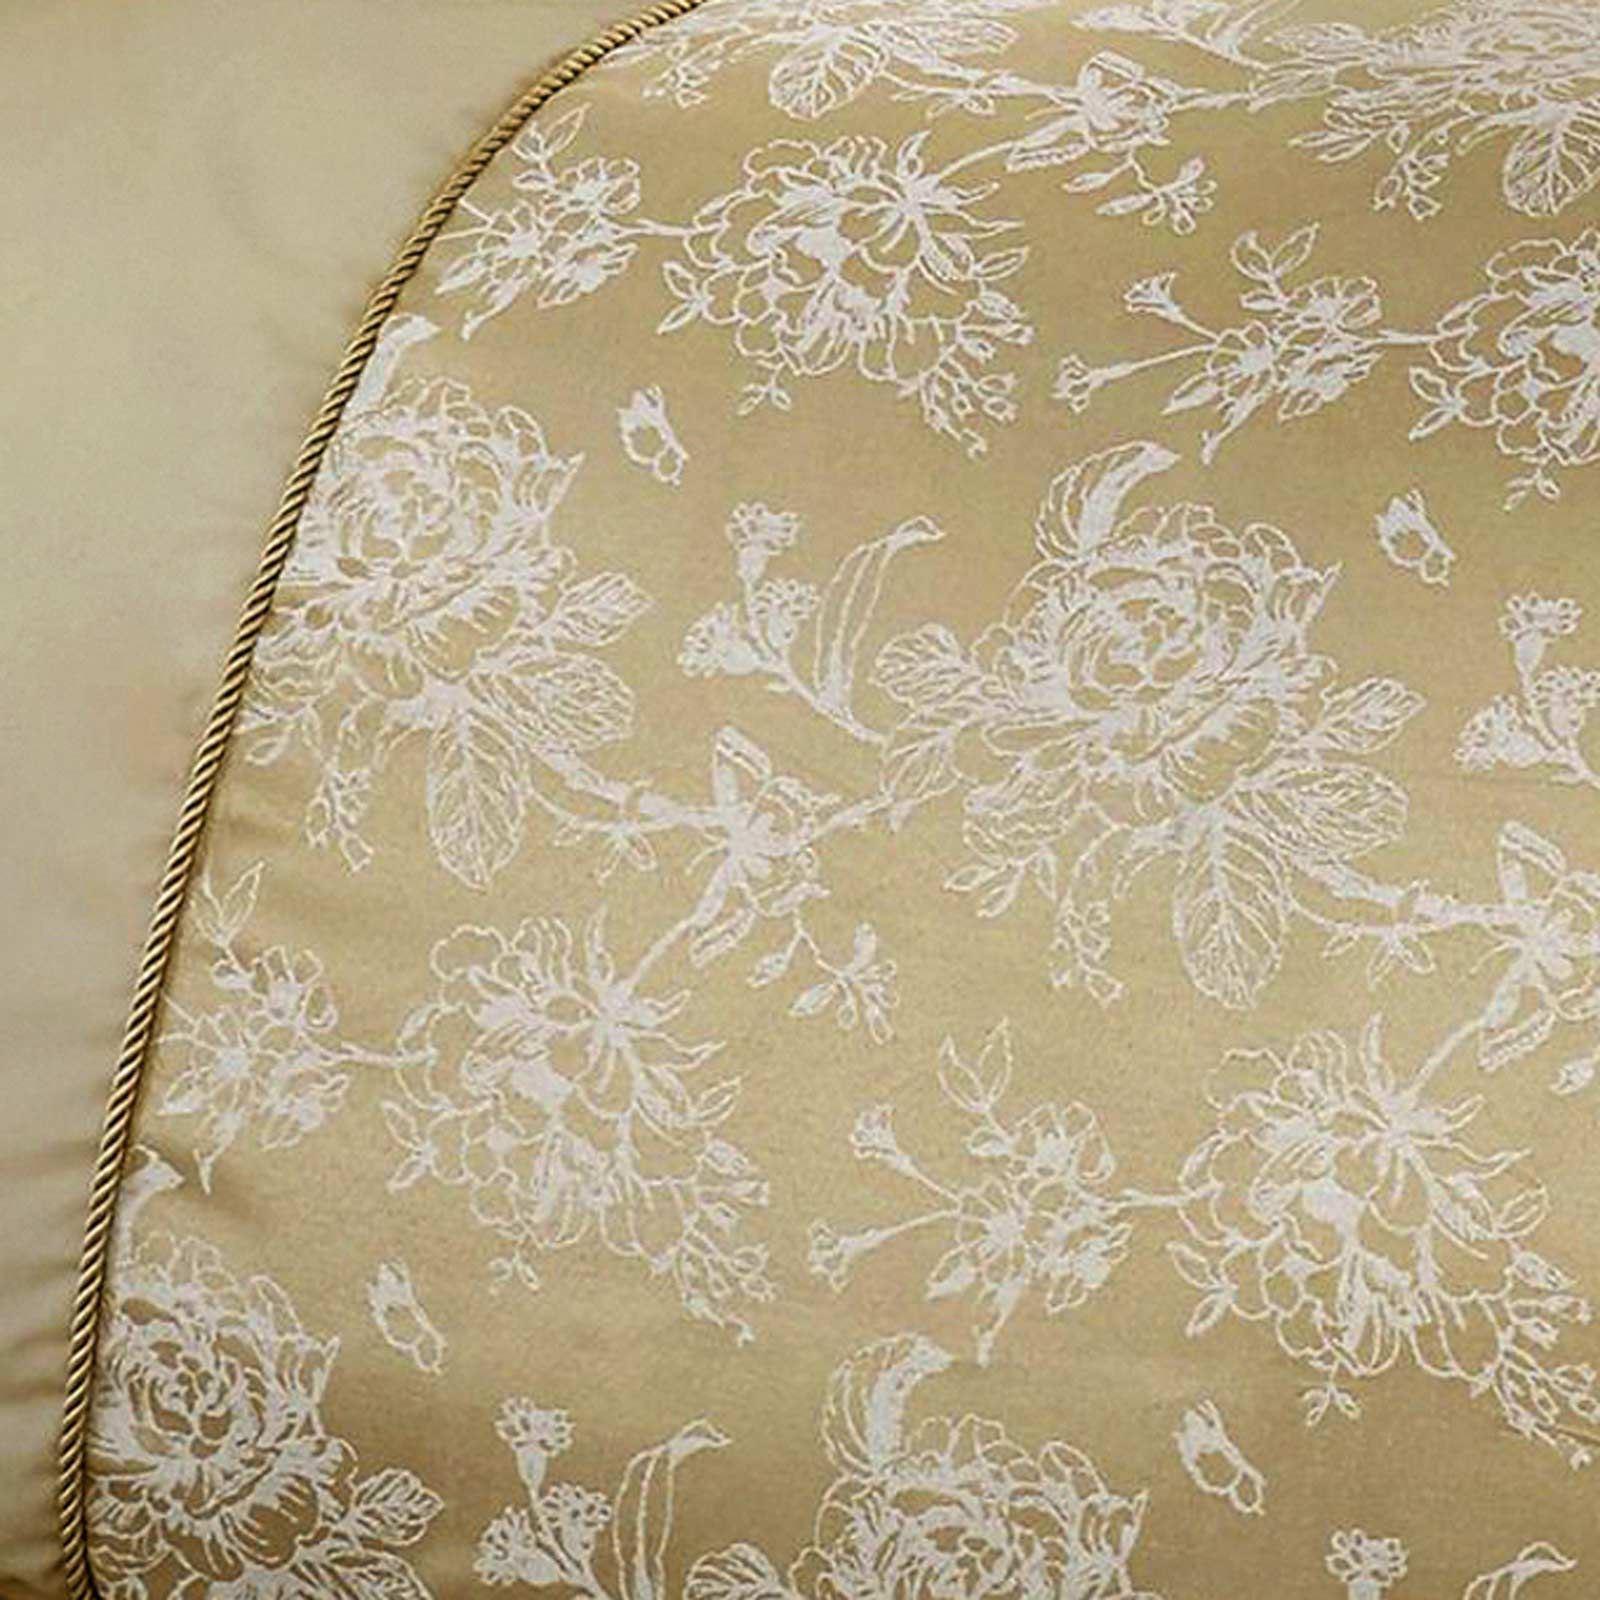 Oro-fundas-nordicas-Jasmine-floral-del-damasco-Edredon-Conjuntos-de-Lujo-Coleccion-de-ropa-de-cama miniatura 9